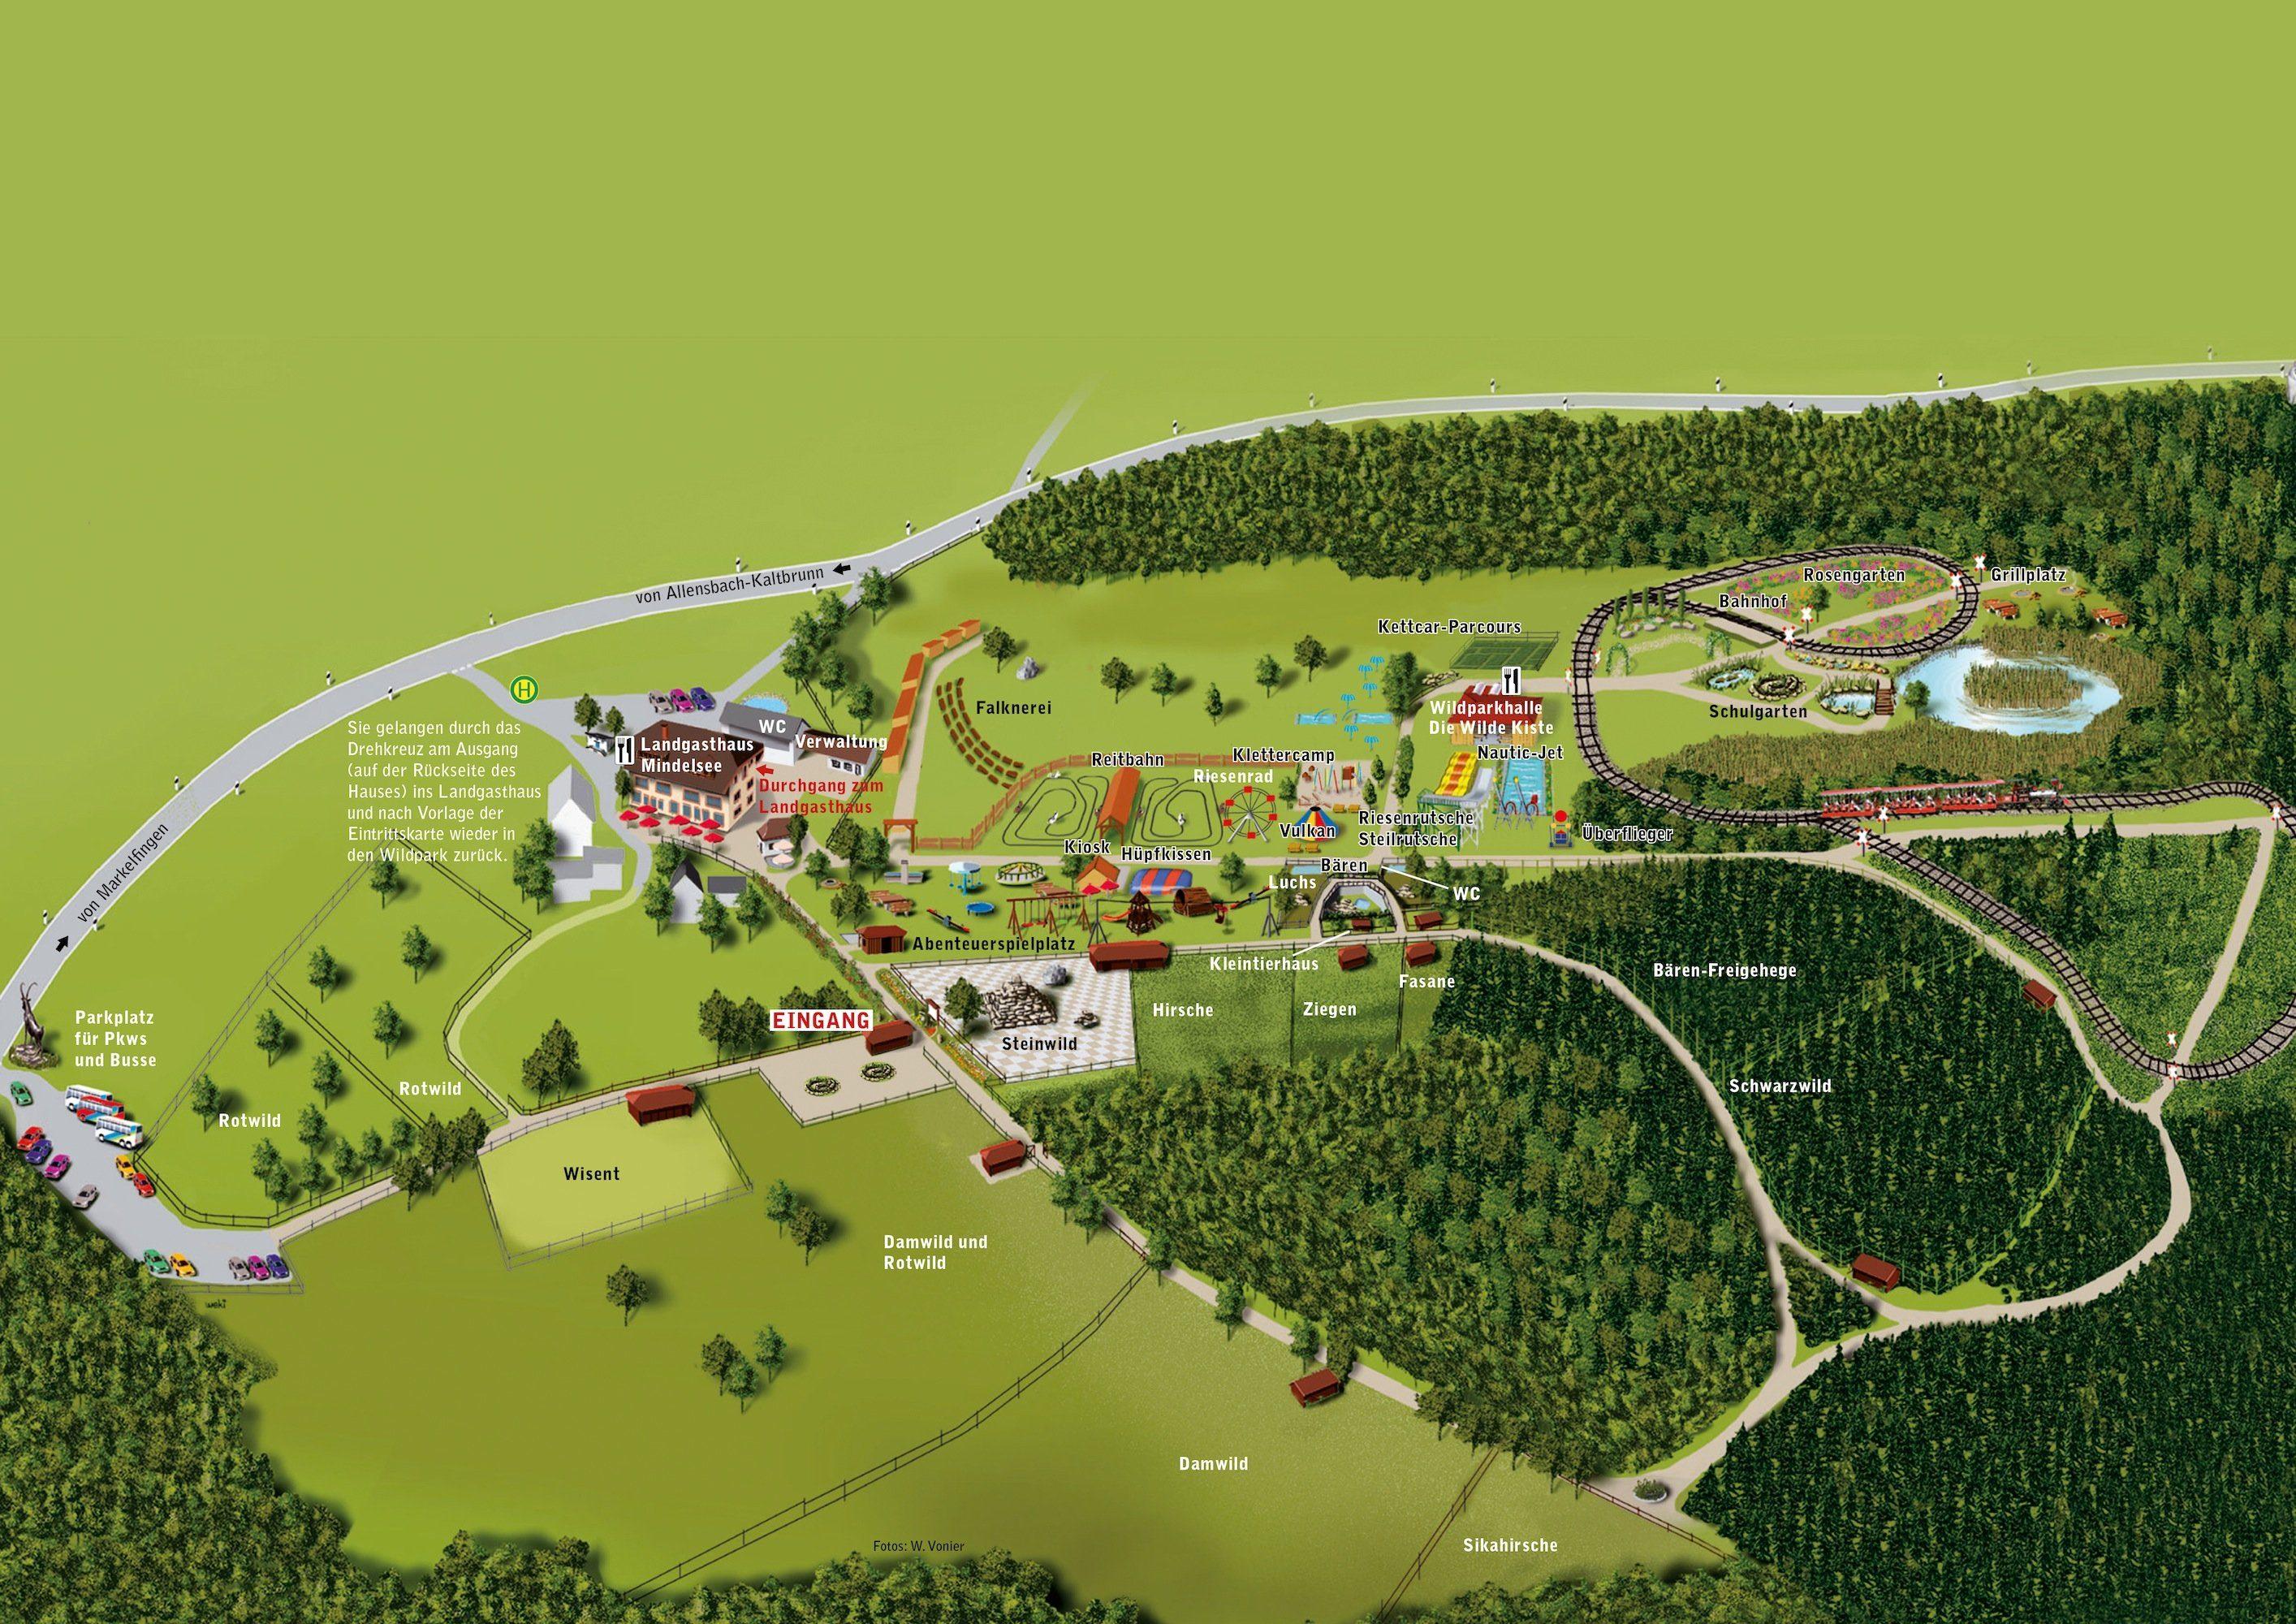 Parkplan Wild- und Freizeitpark Allensbach/Bodensee